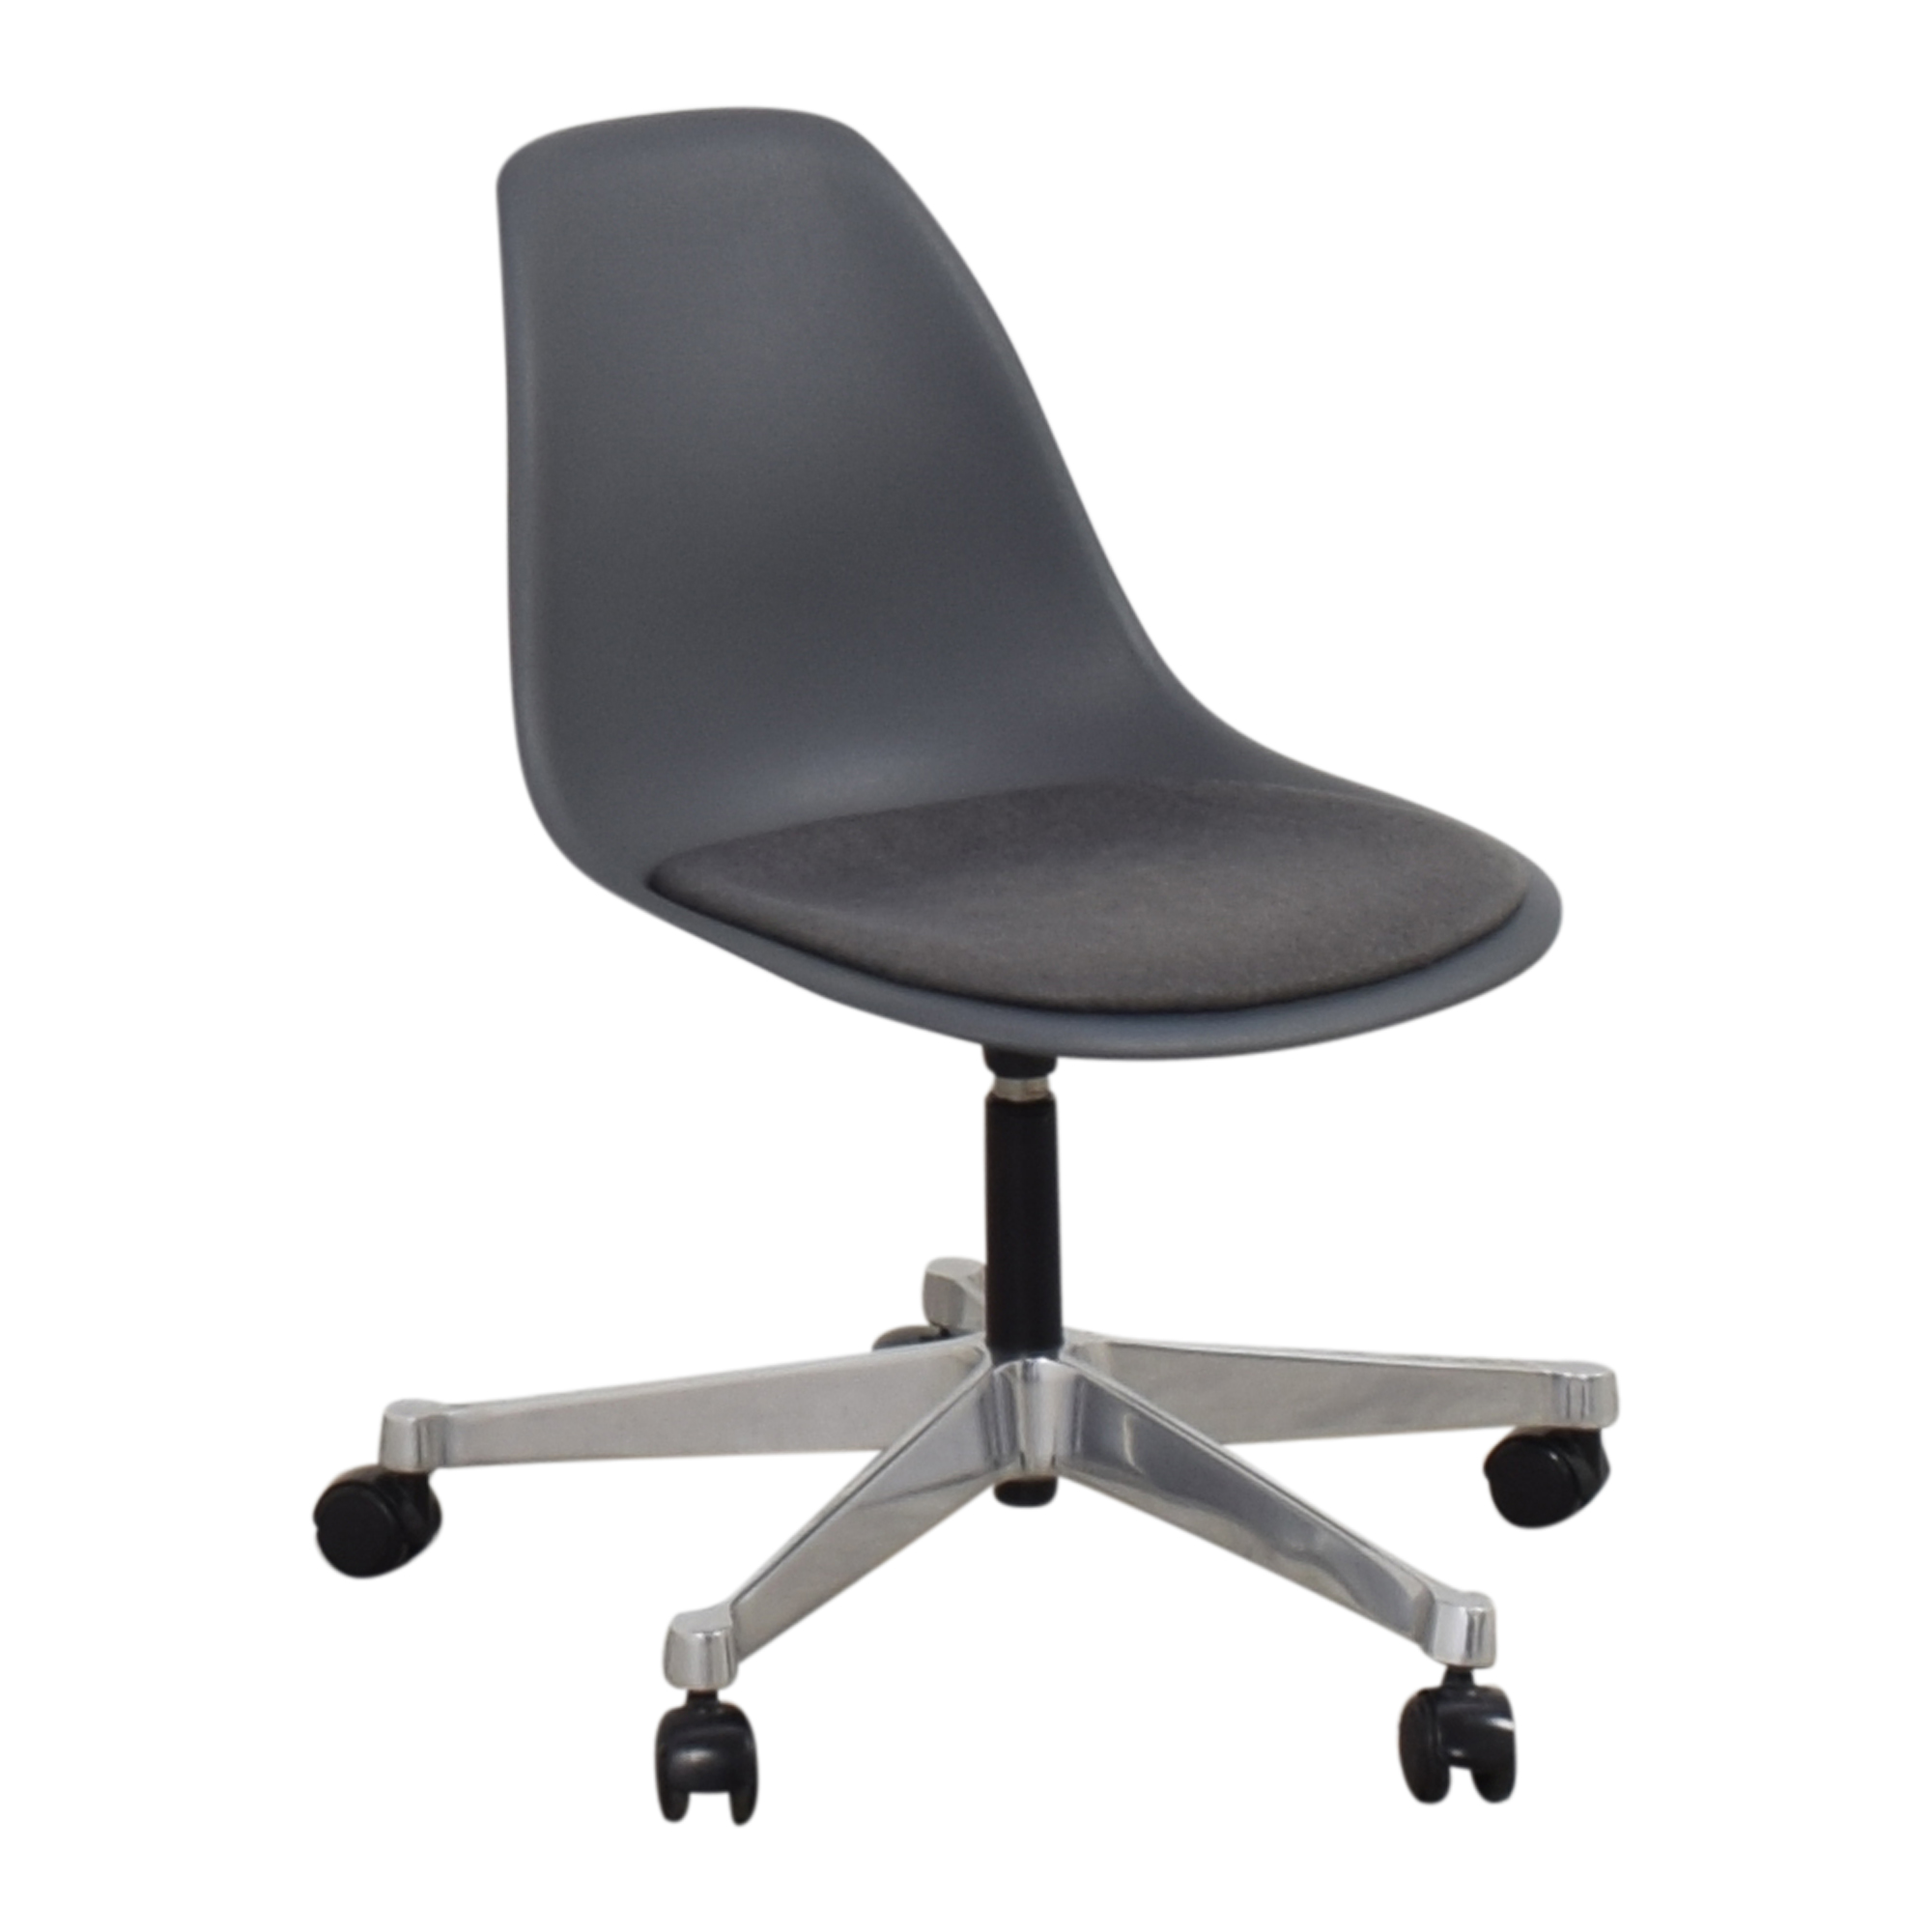 Herman Miller Herman Miller Eames Task Side Chair nj